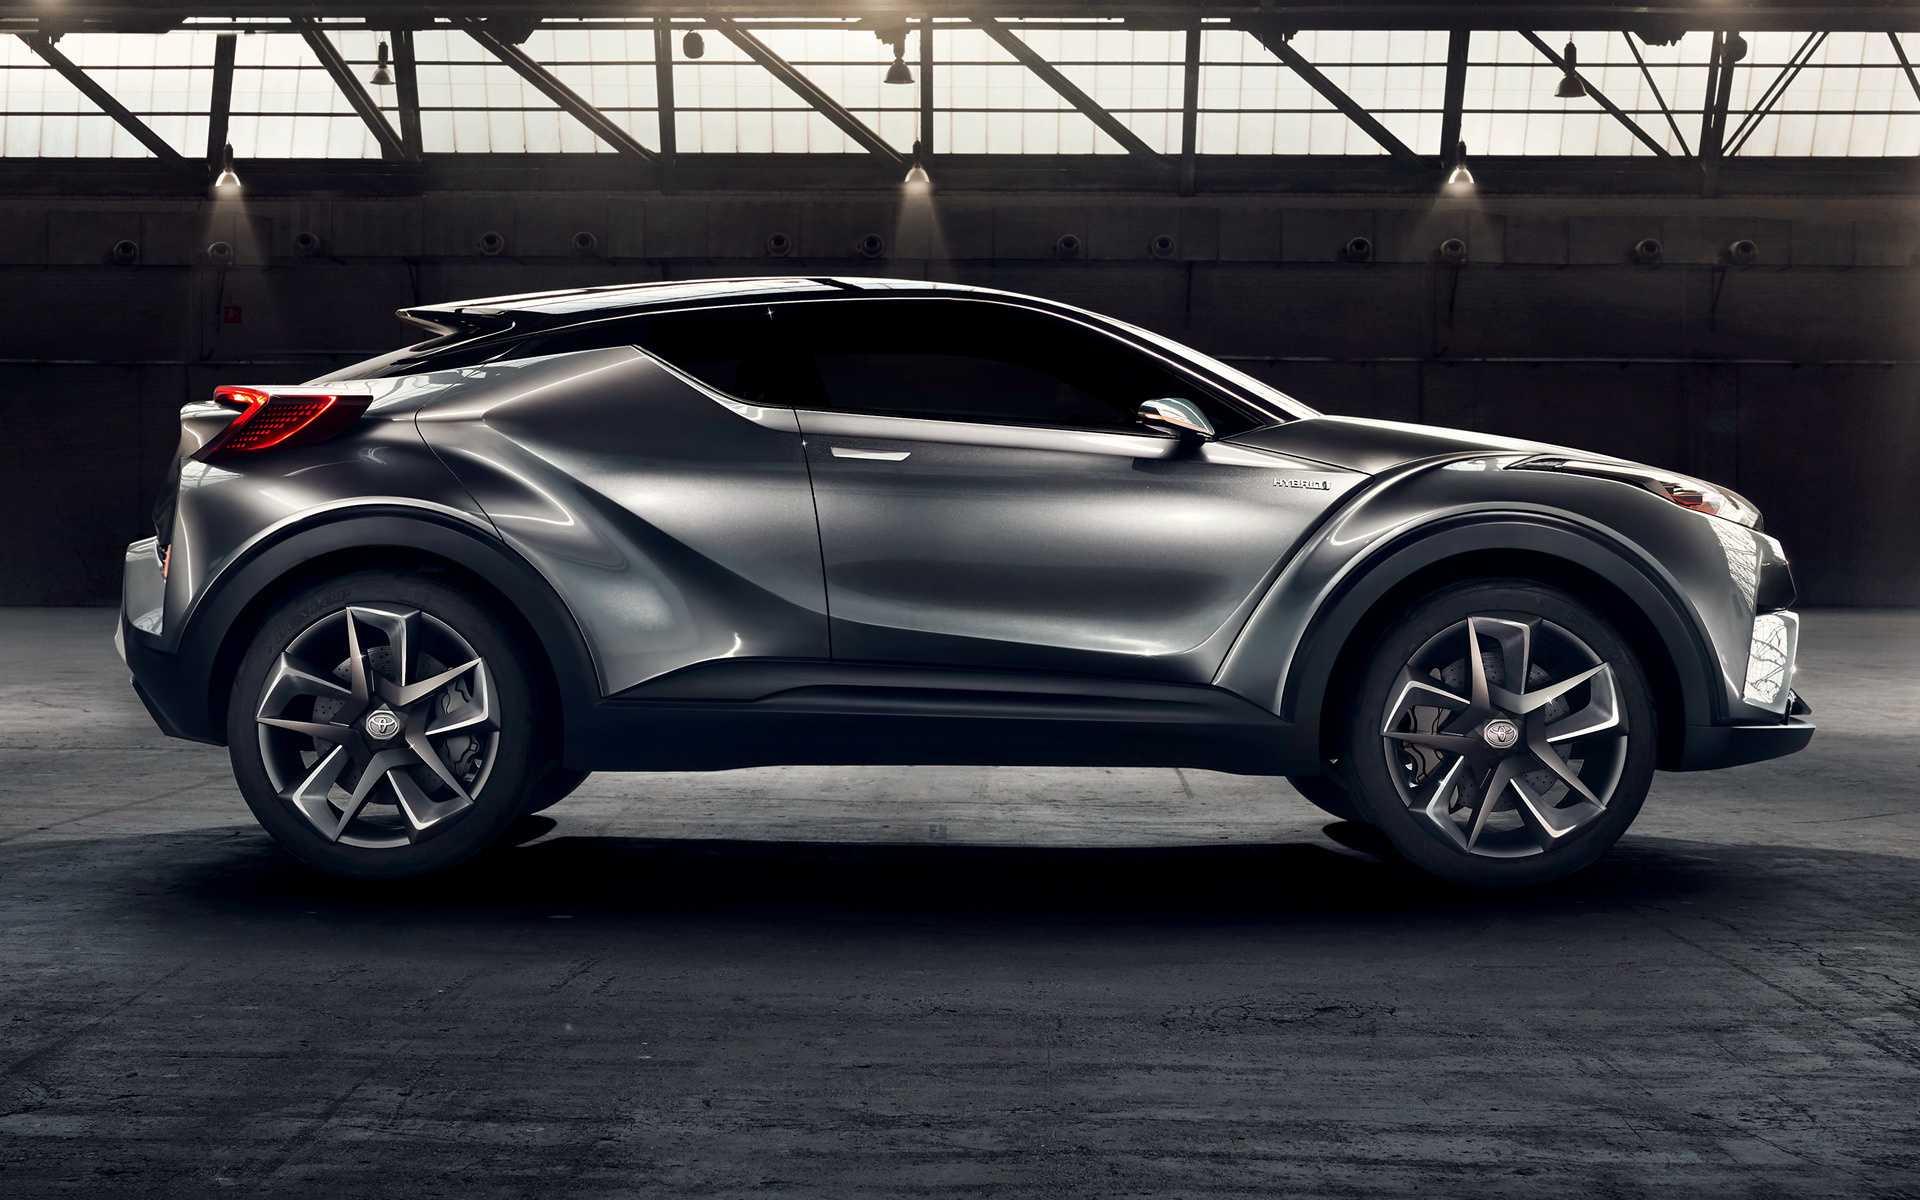 Toyota c-hr 2016, джип/suv 5 дв., 1 поколение (03.2016 - 09.2019) - технические характеристики и комплектации